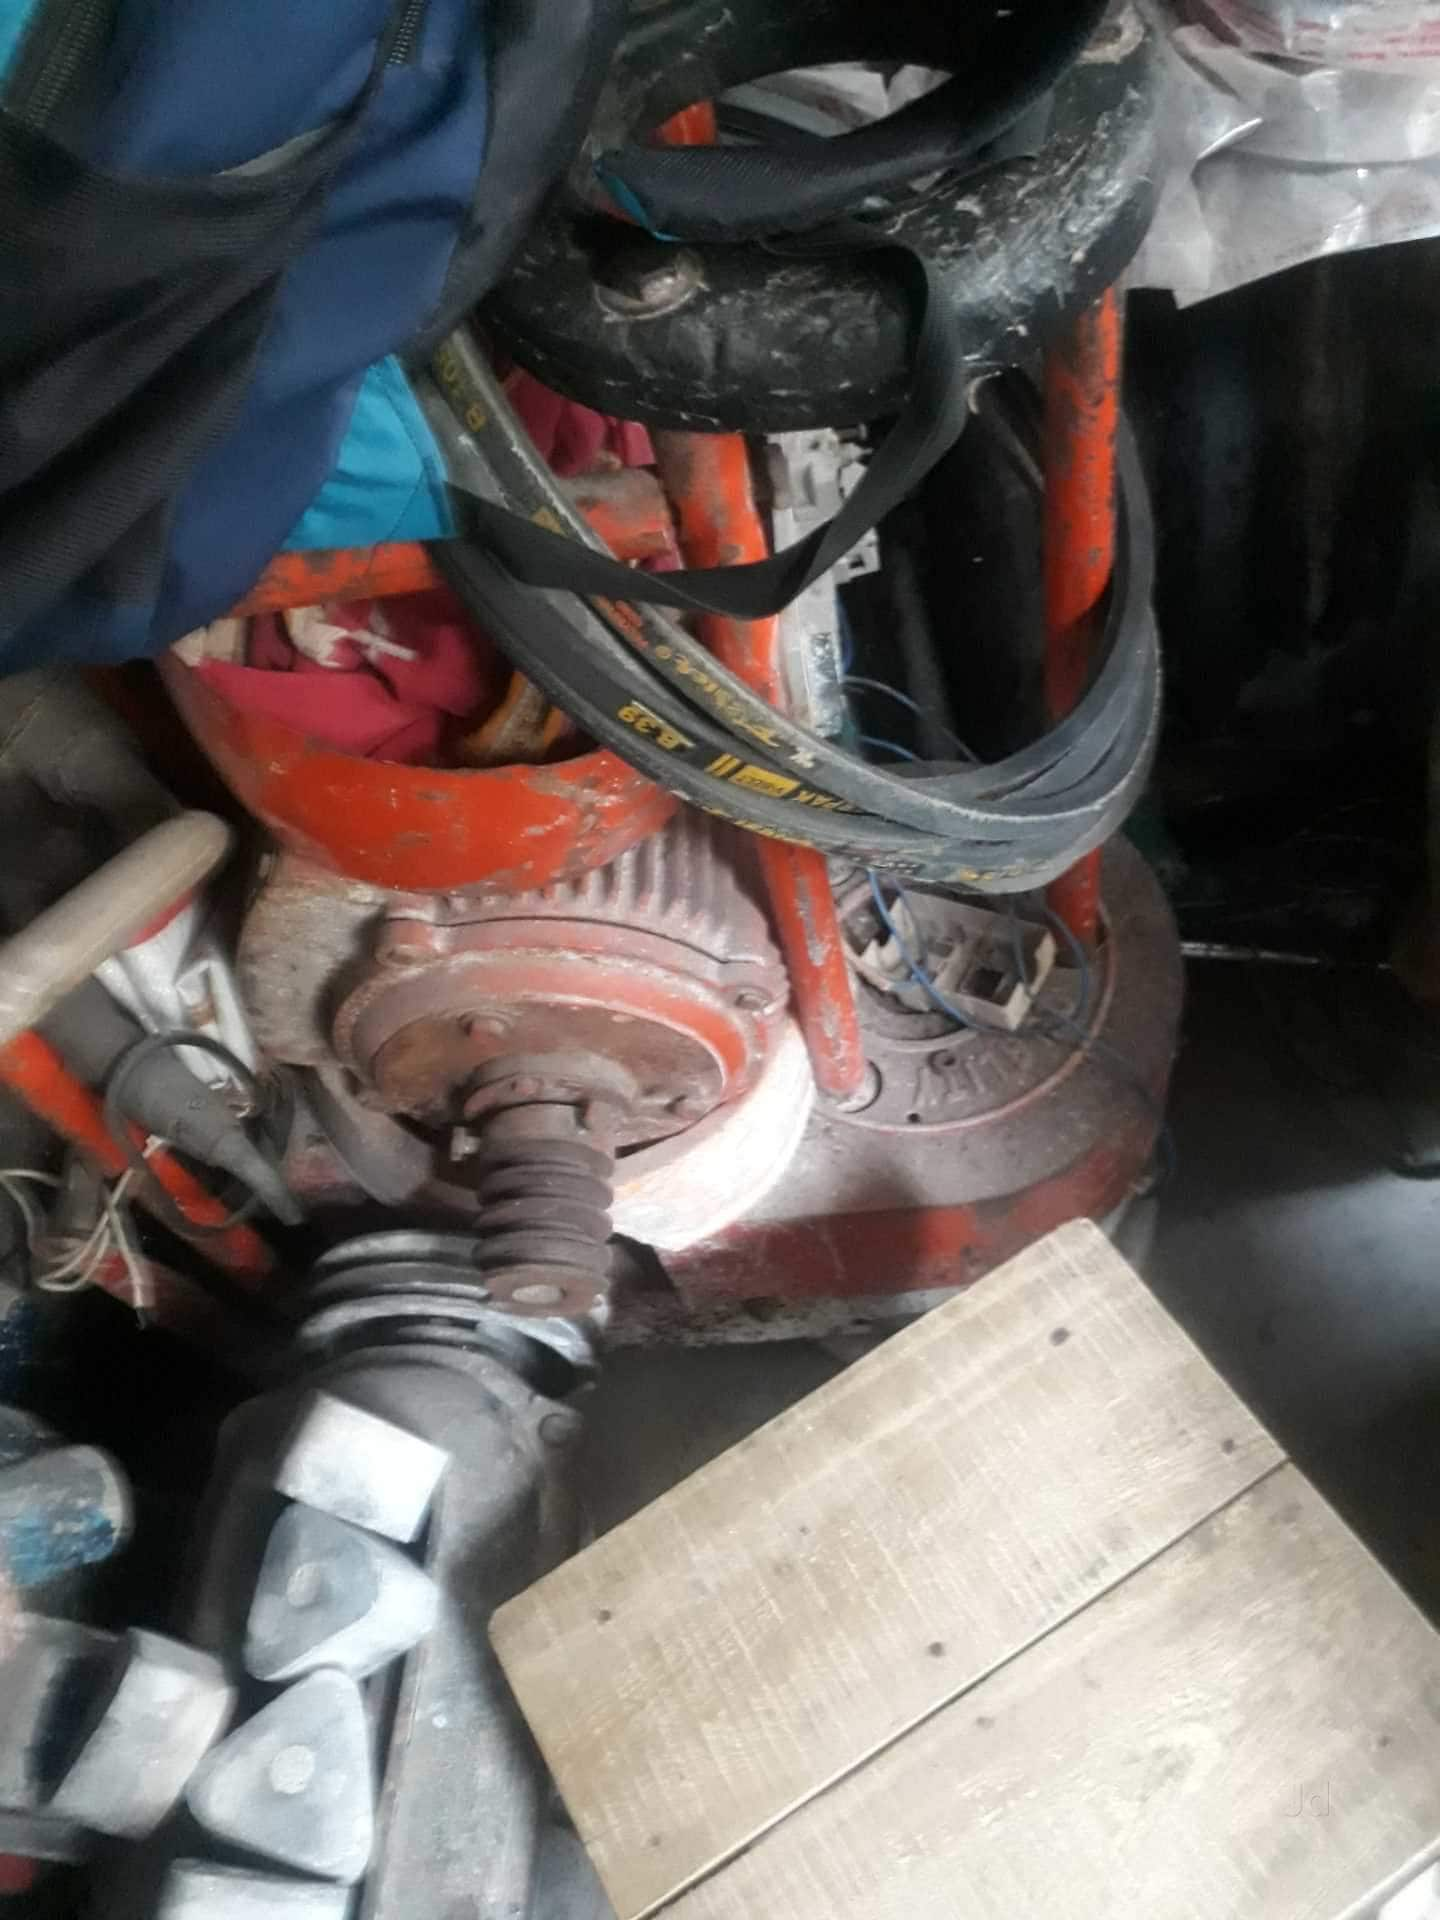 Vending Machine Repair Services Sharp in Kolkata - Justdial